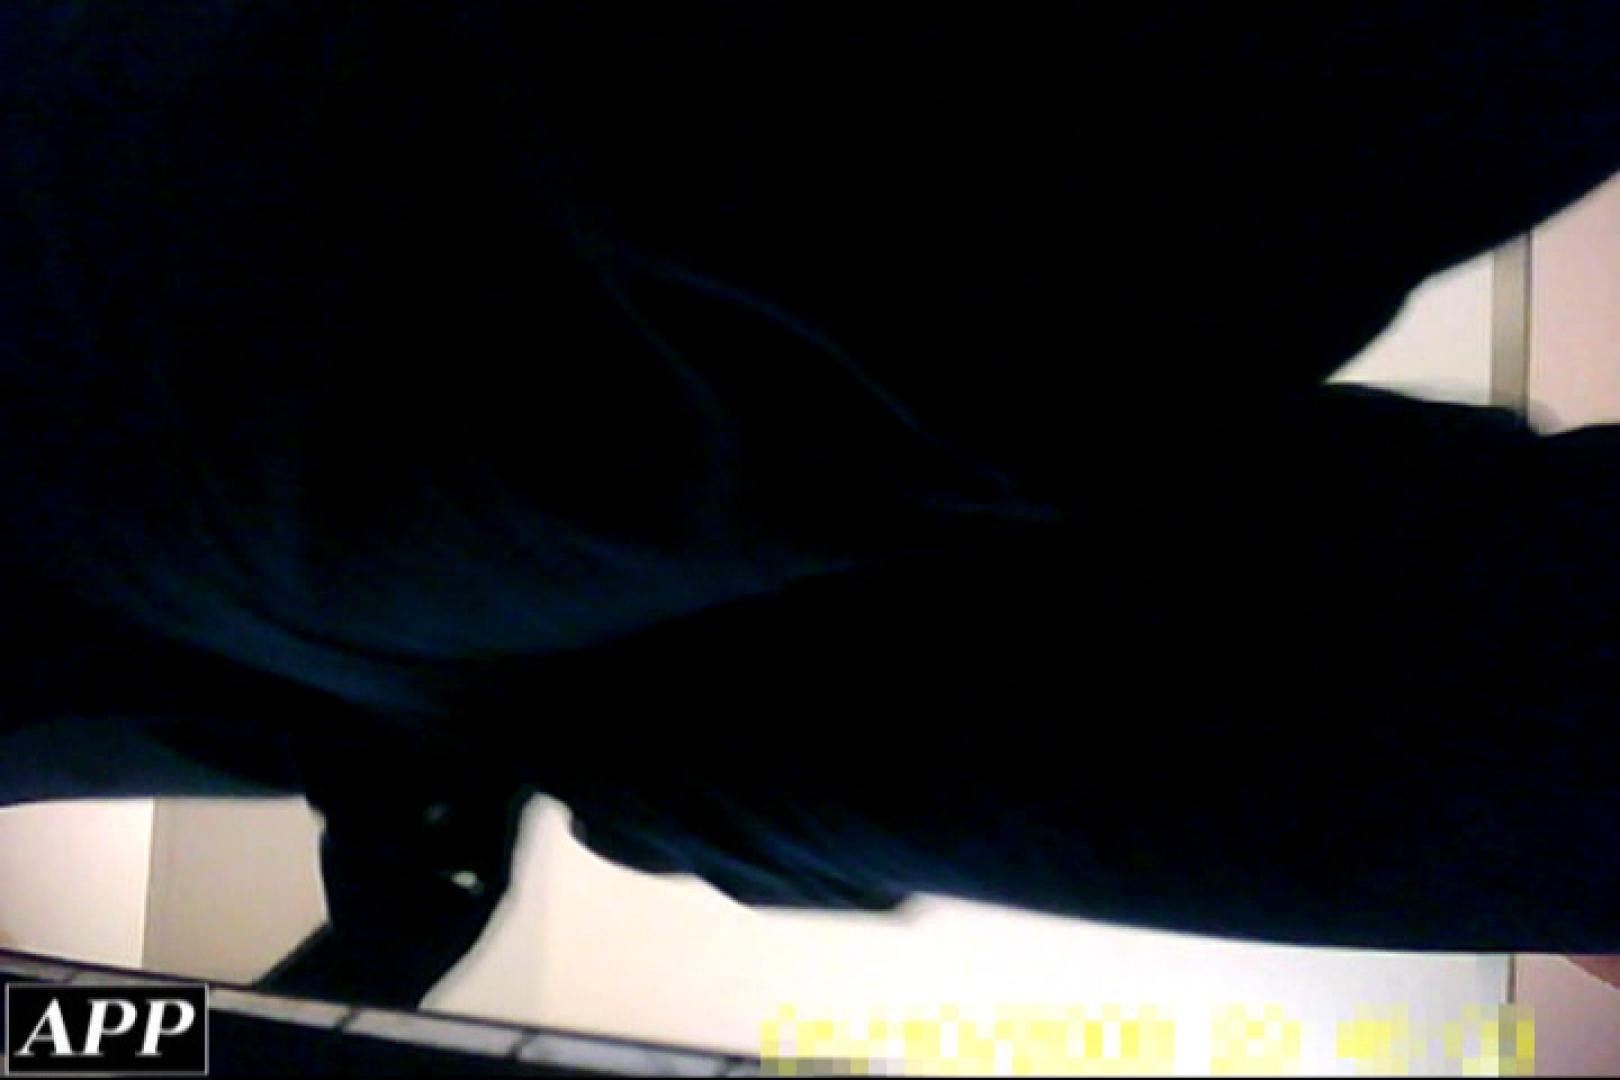 3視点洗面所 vol.128 マンコ すけべAV動画紹介 77pic 39